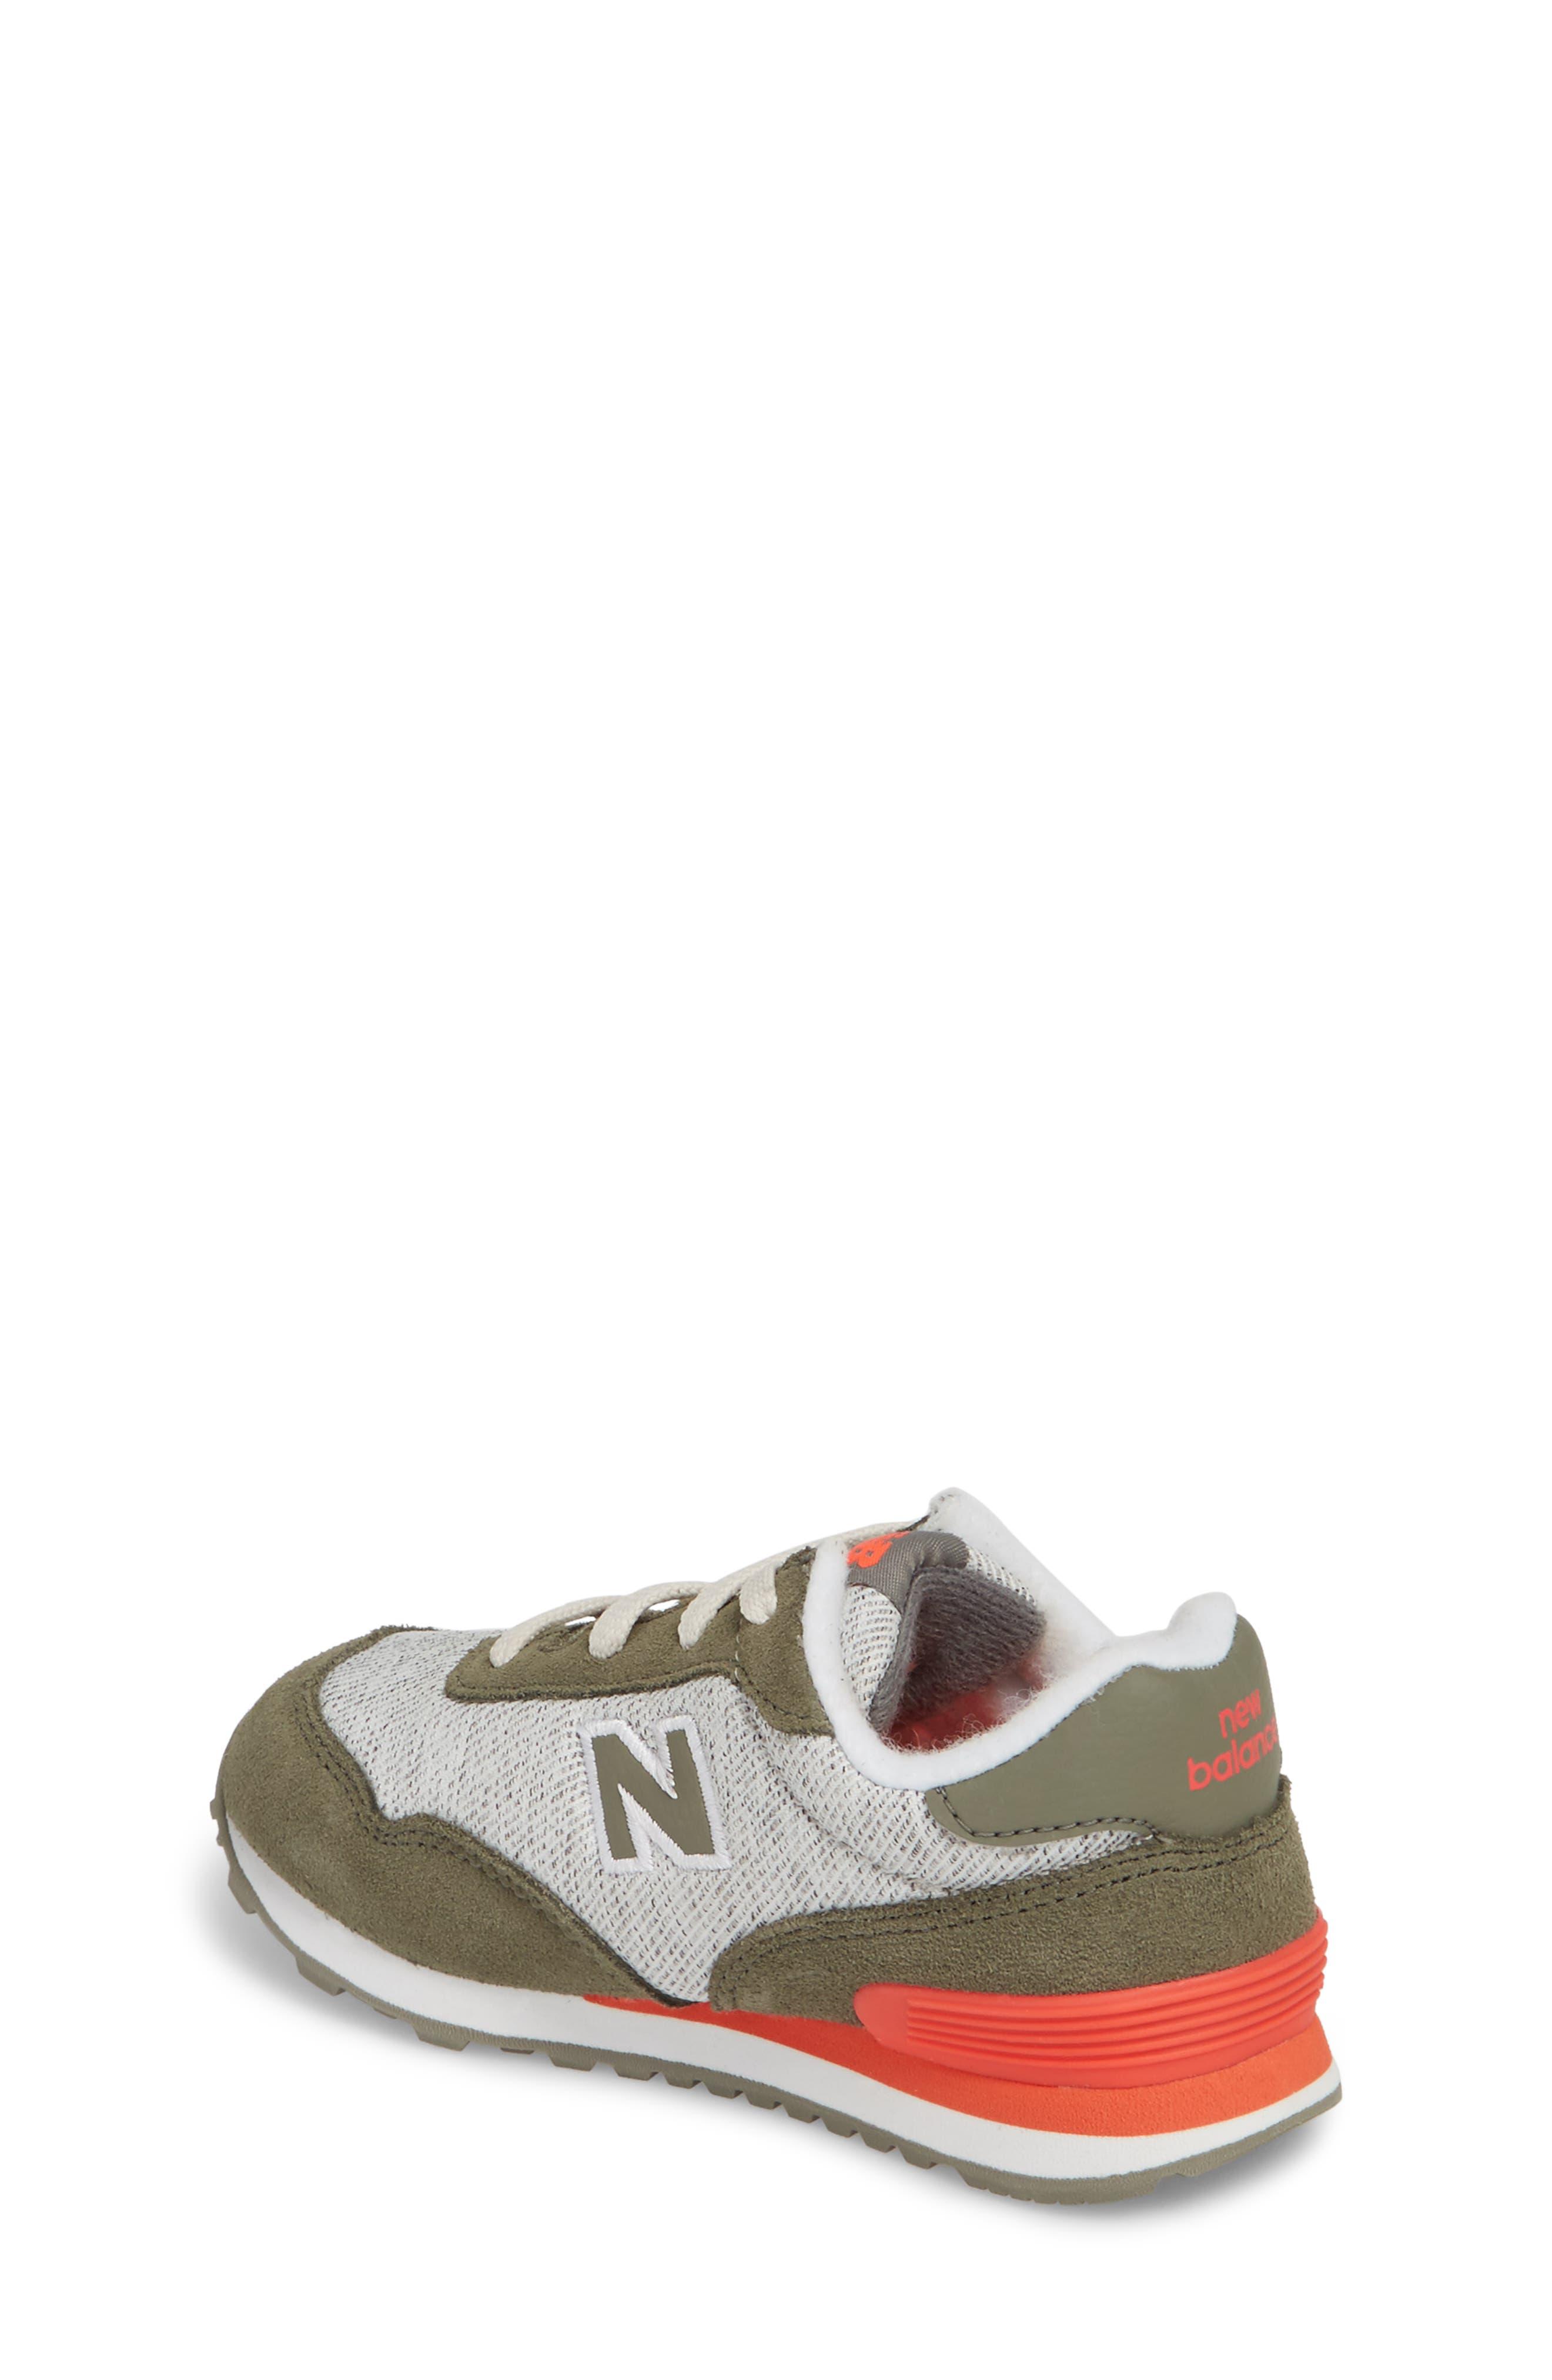 515 Sneaker,                             Alternate thumbnail 2, color,                             Green